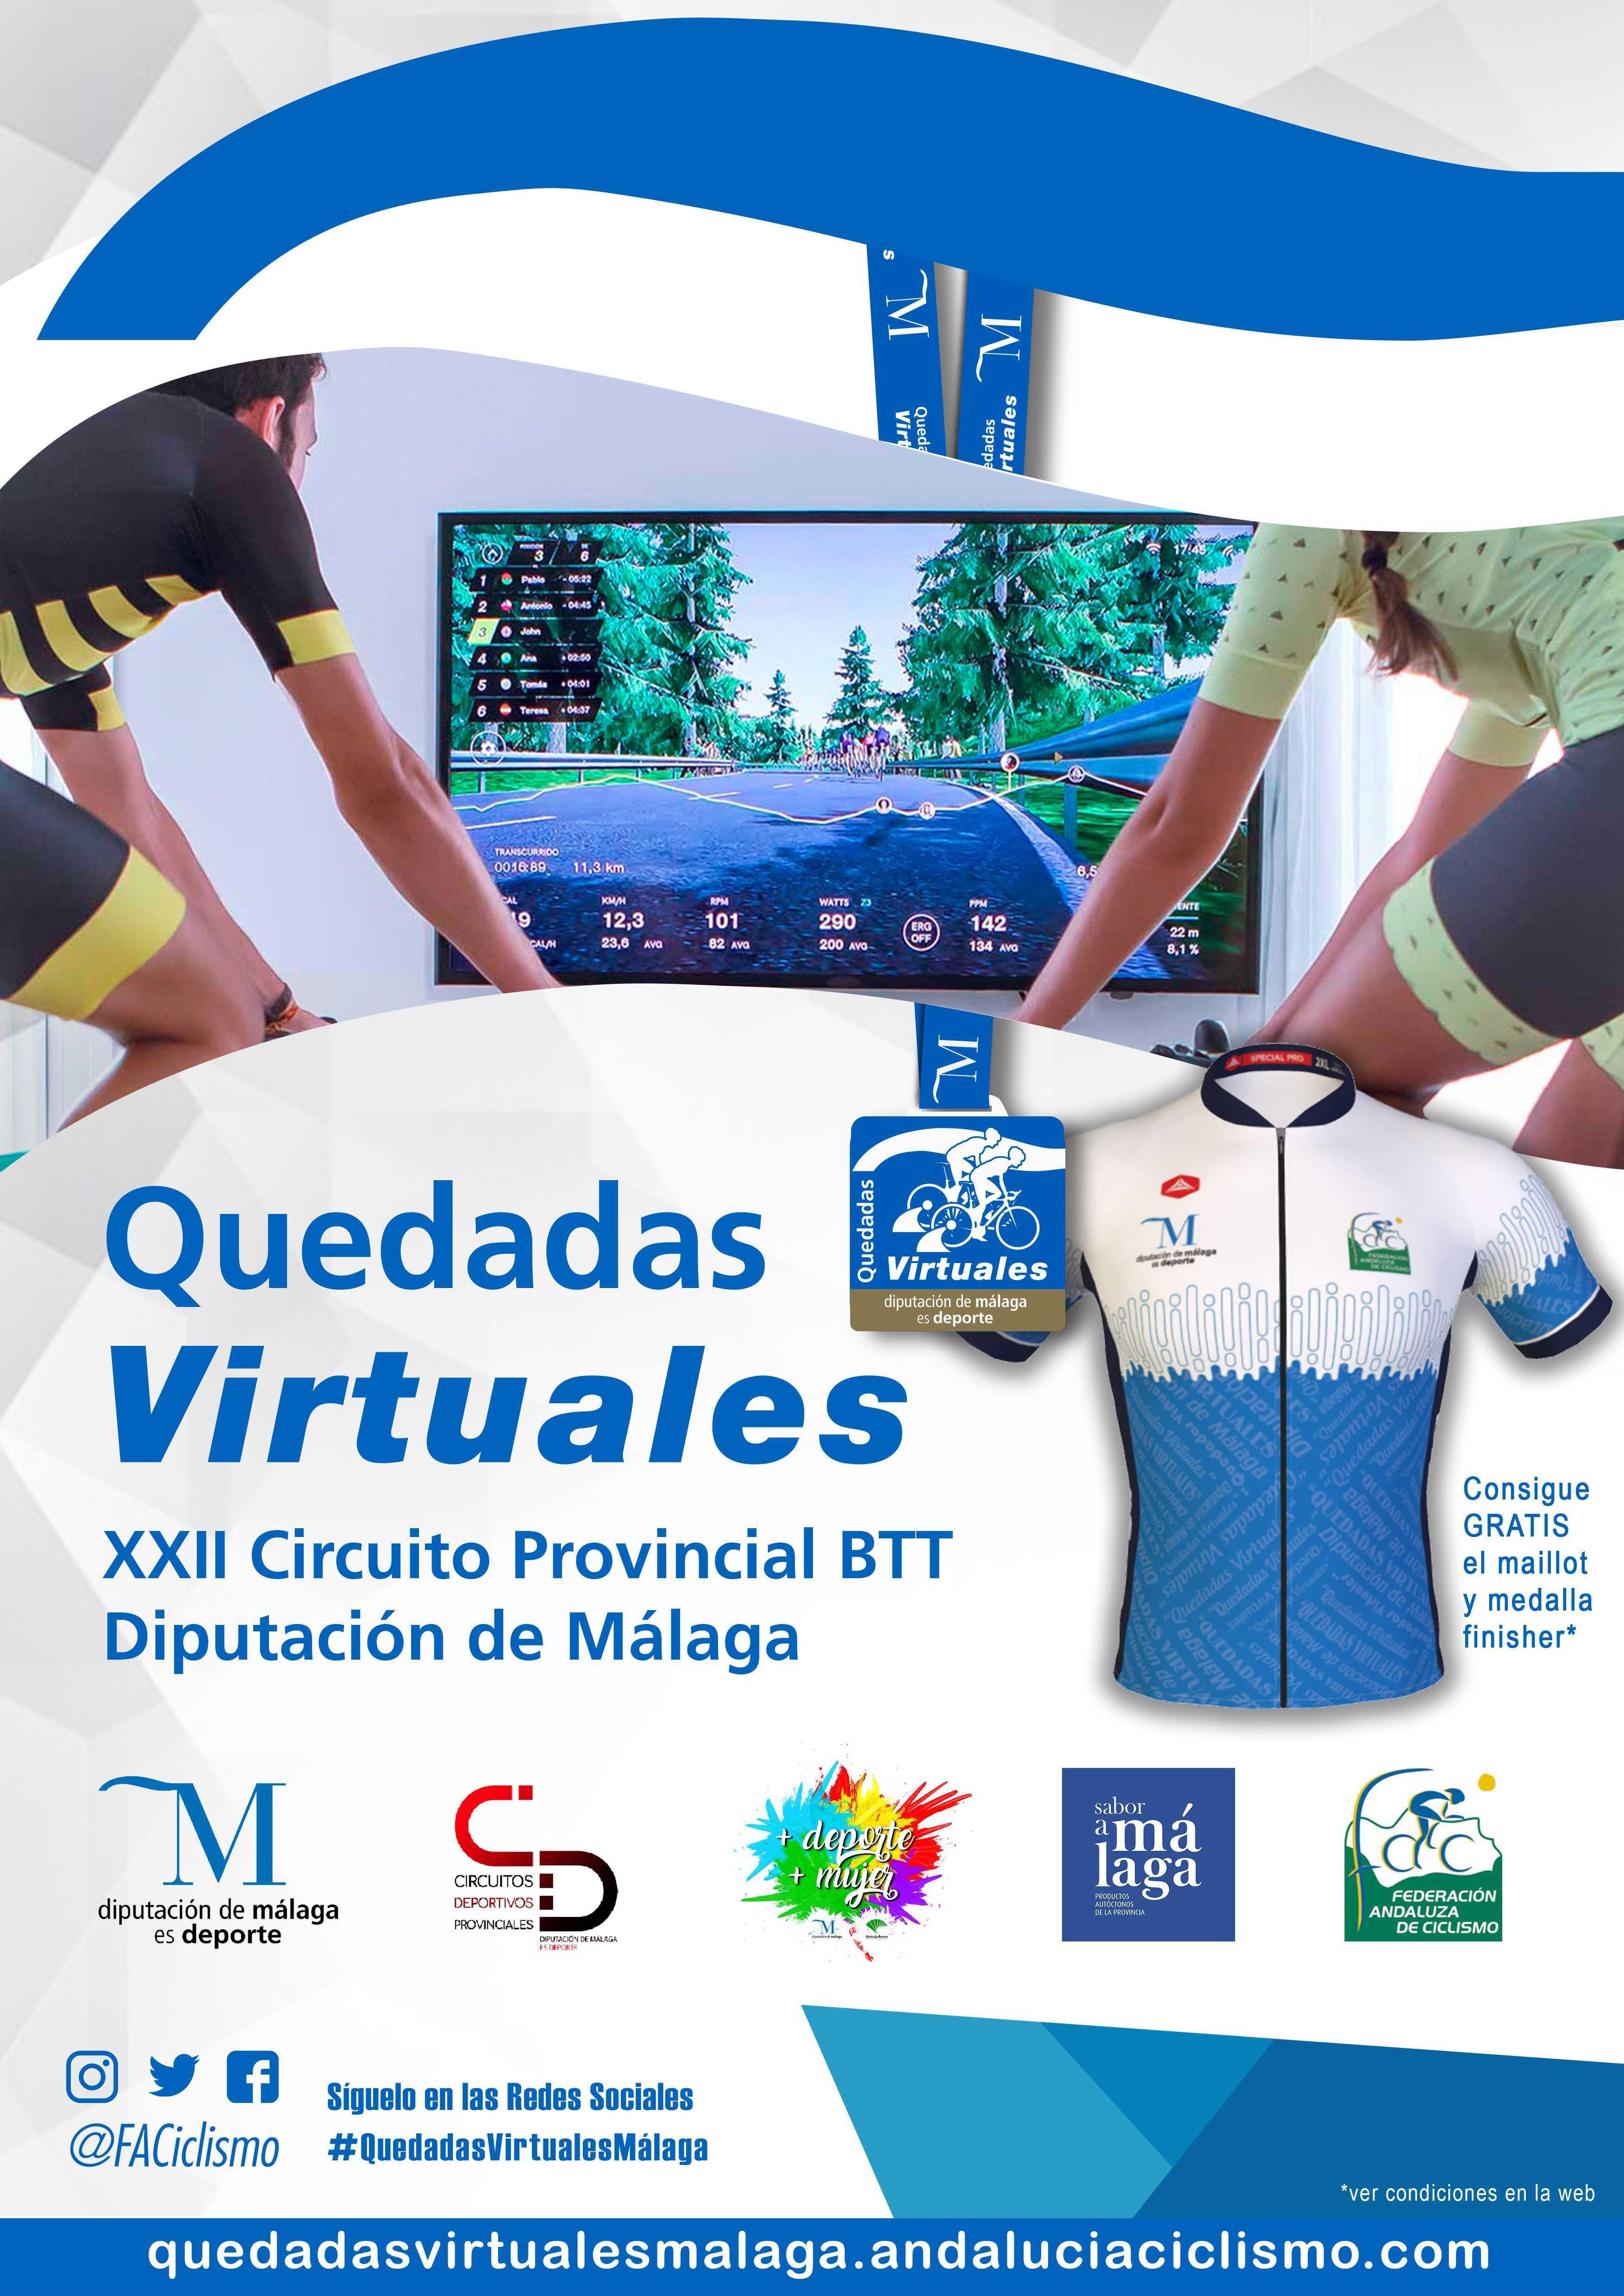 Finalizan con éxito las Quedadas Virtuales del Circuito Diputación de Málaga